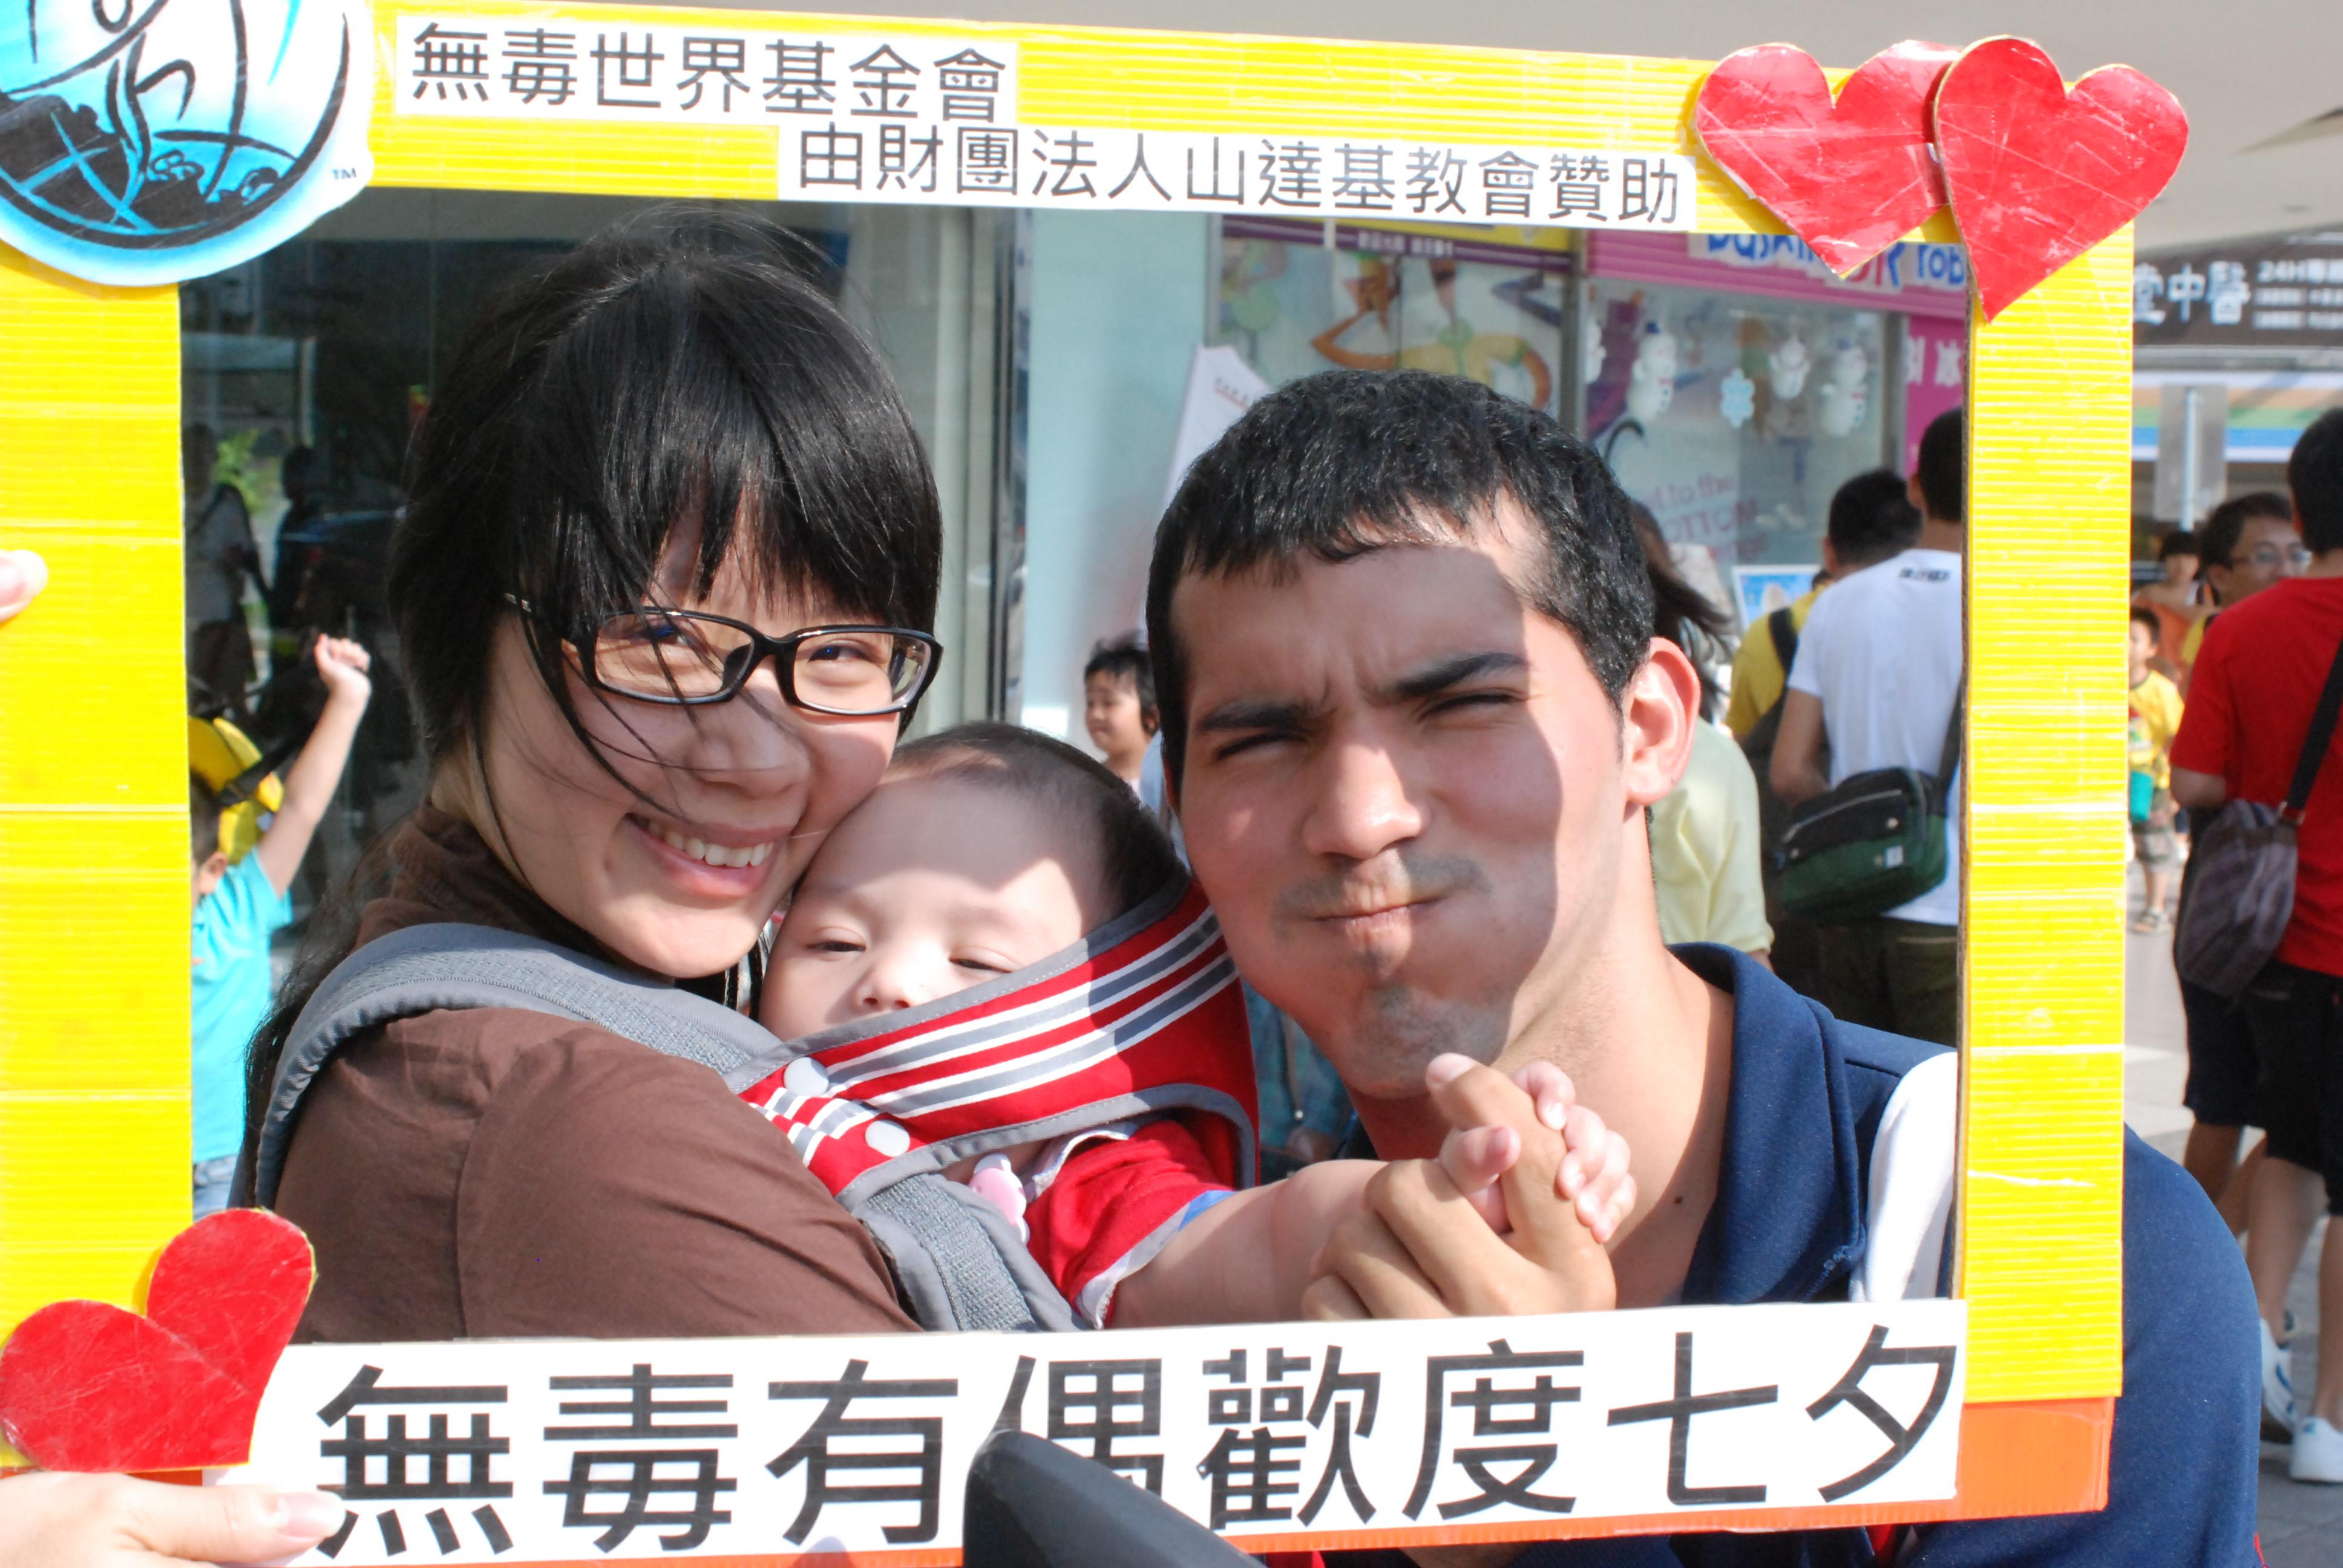 「無毒有偶 歡度七夕」趣味反毒相框 見證甜蜜愛情